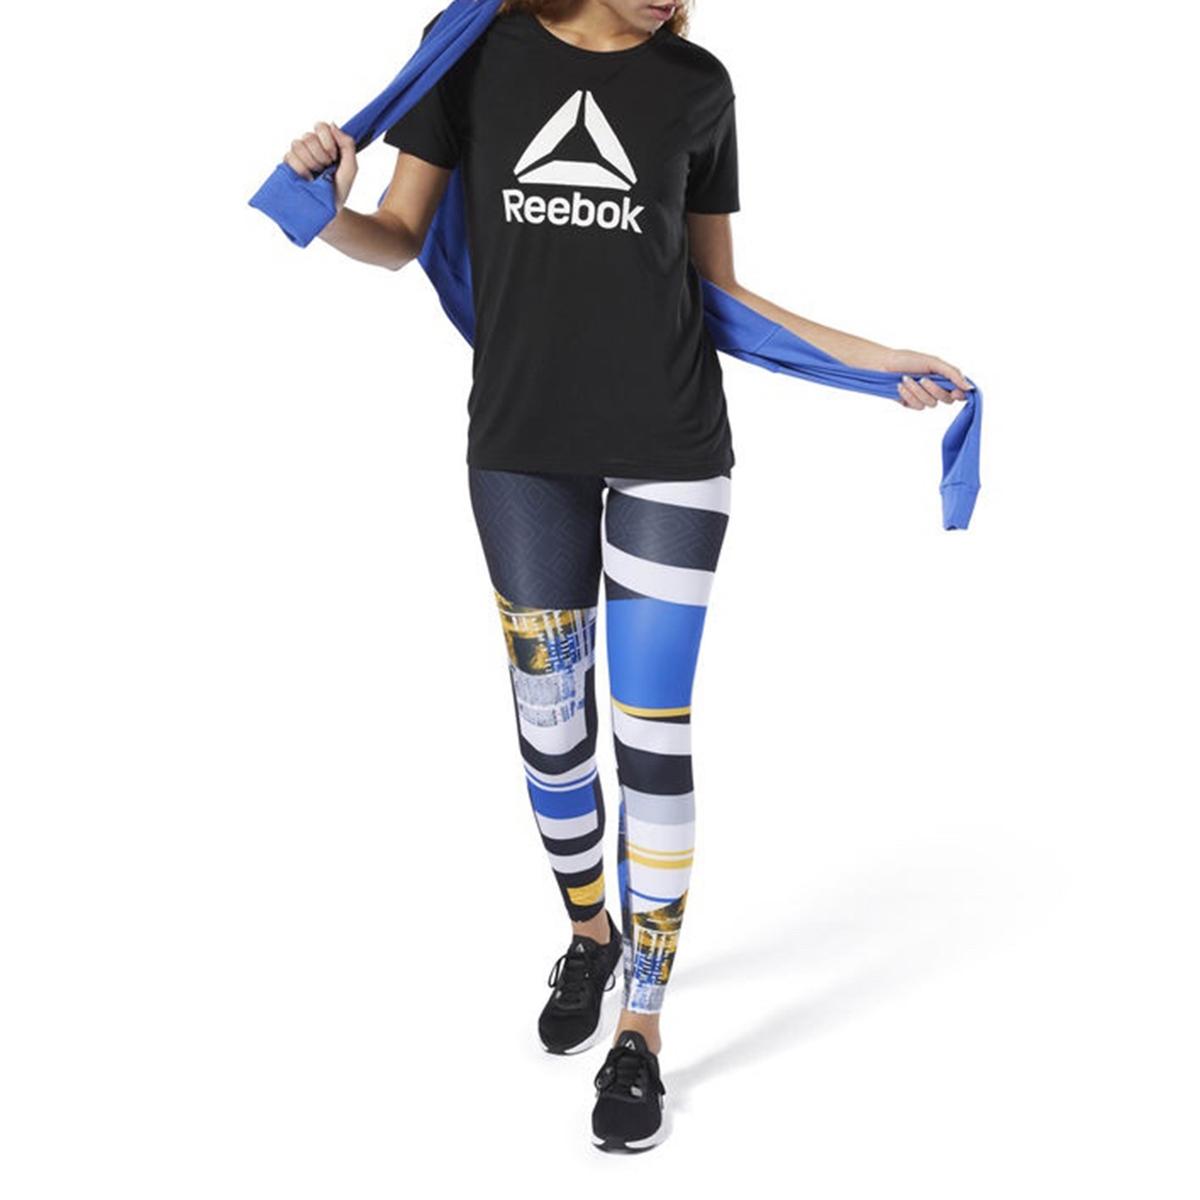 Imagen principal de producto de Camiseta estampada delante, Wor Supremium - Reebok